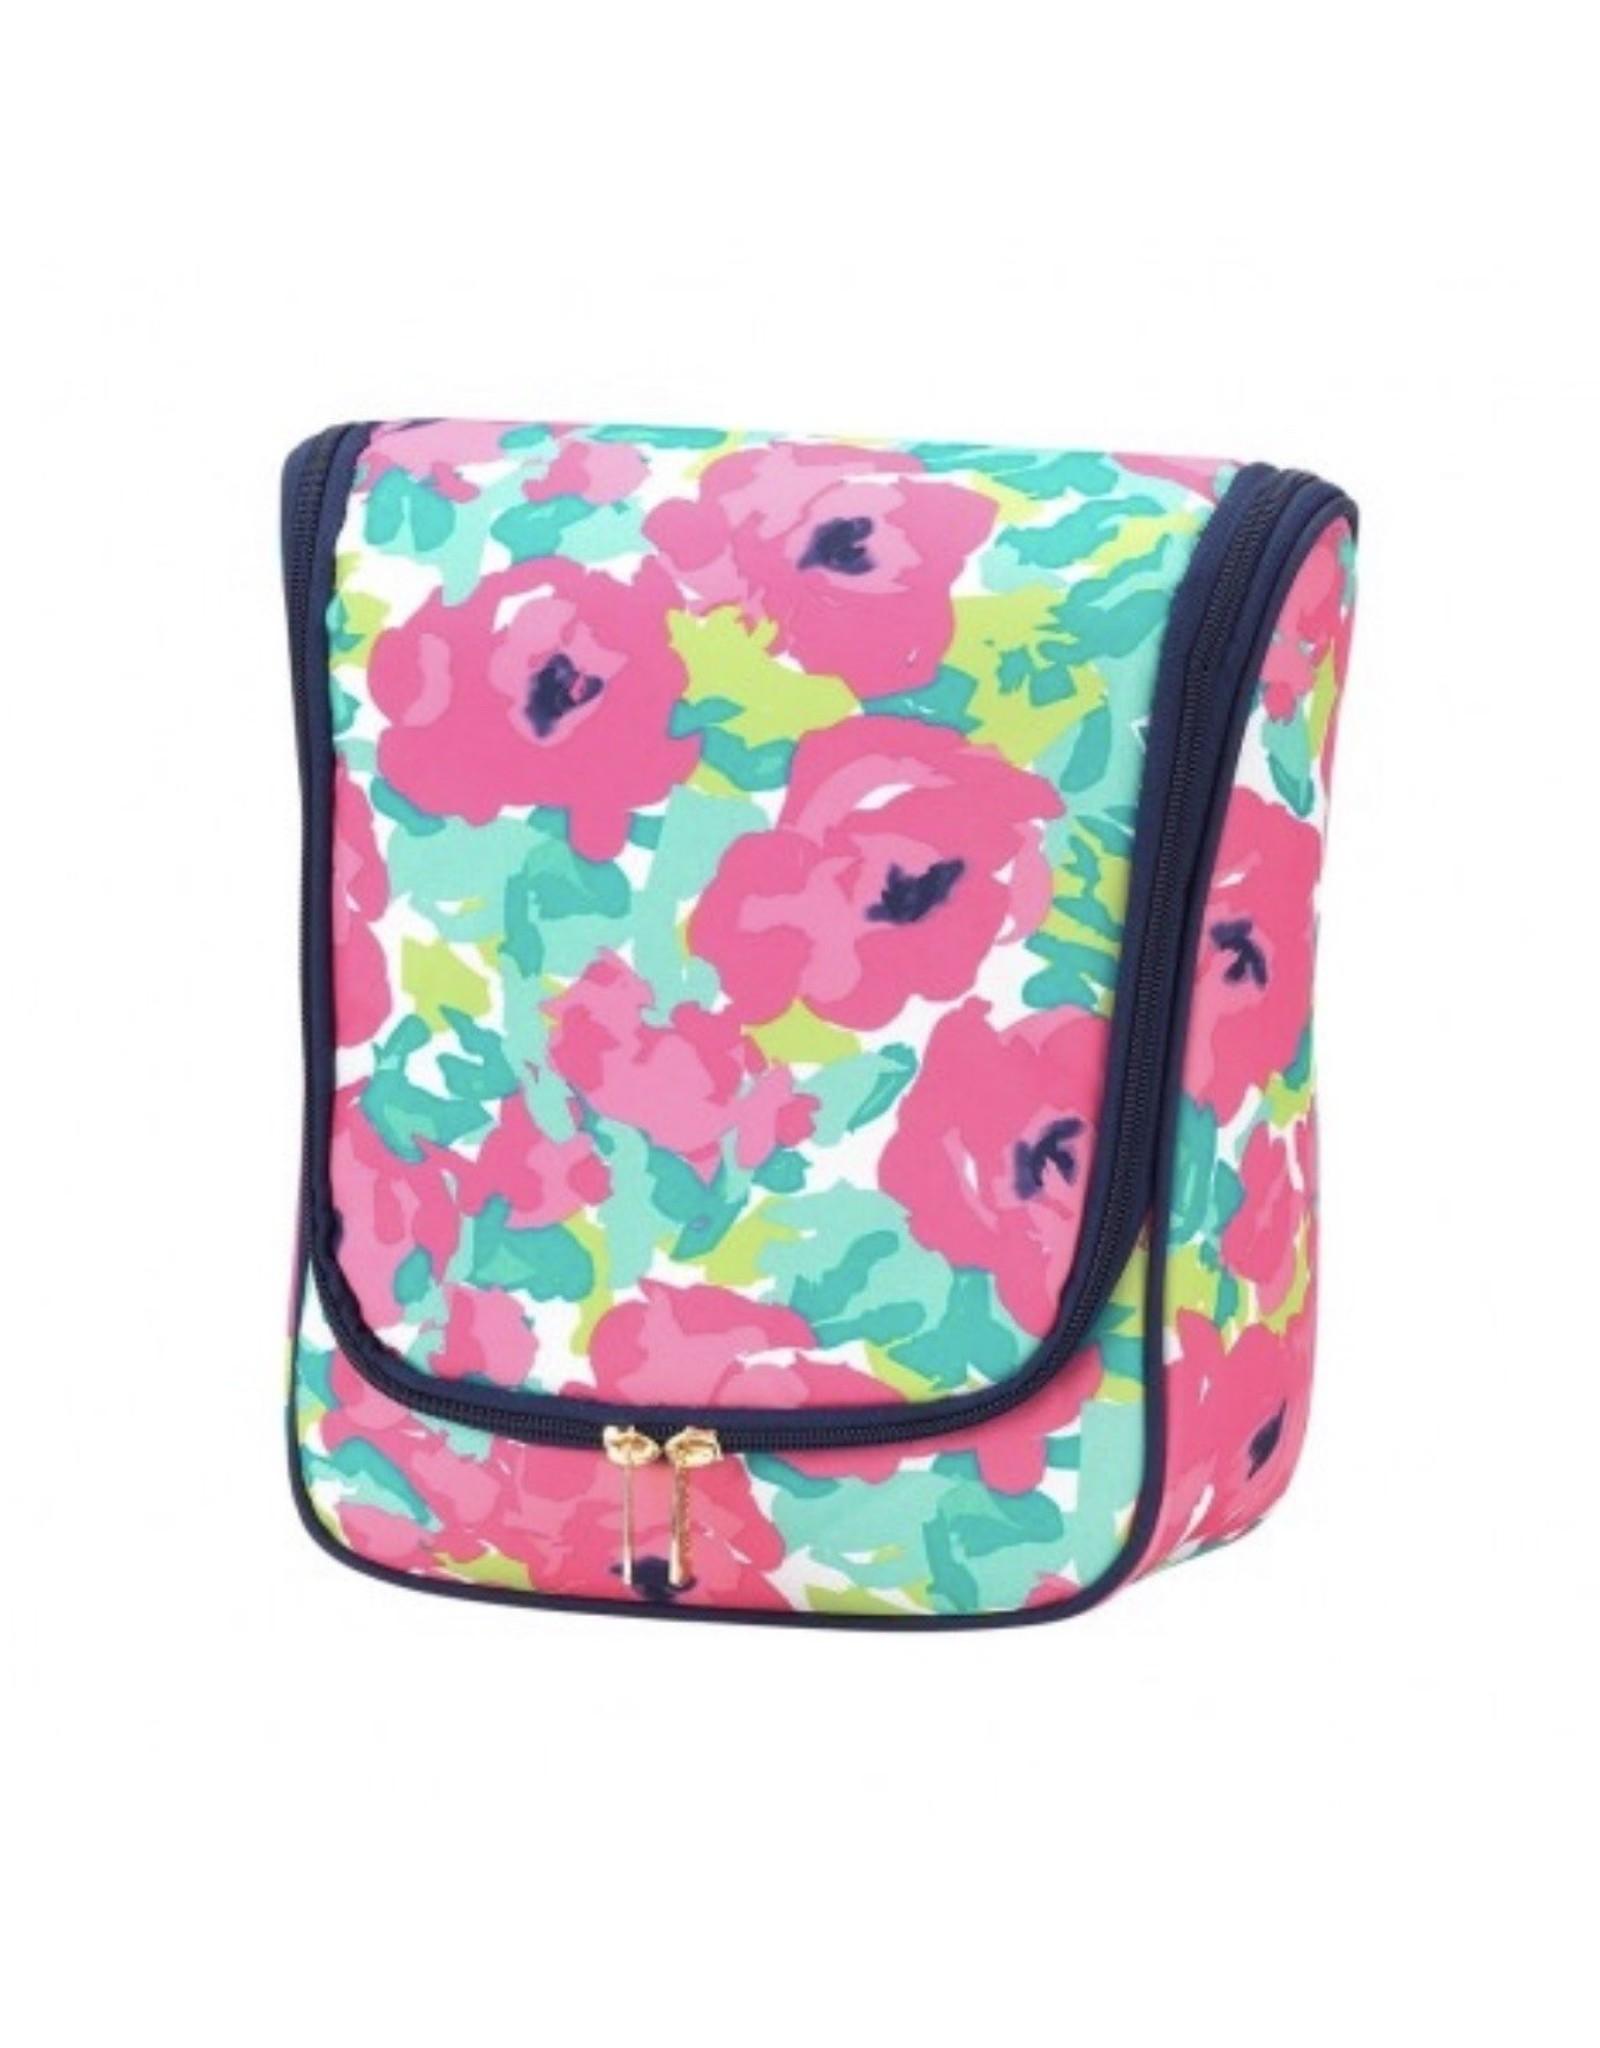 Viv & Lou GRACE Floral Summer Line Hanging Travel Case